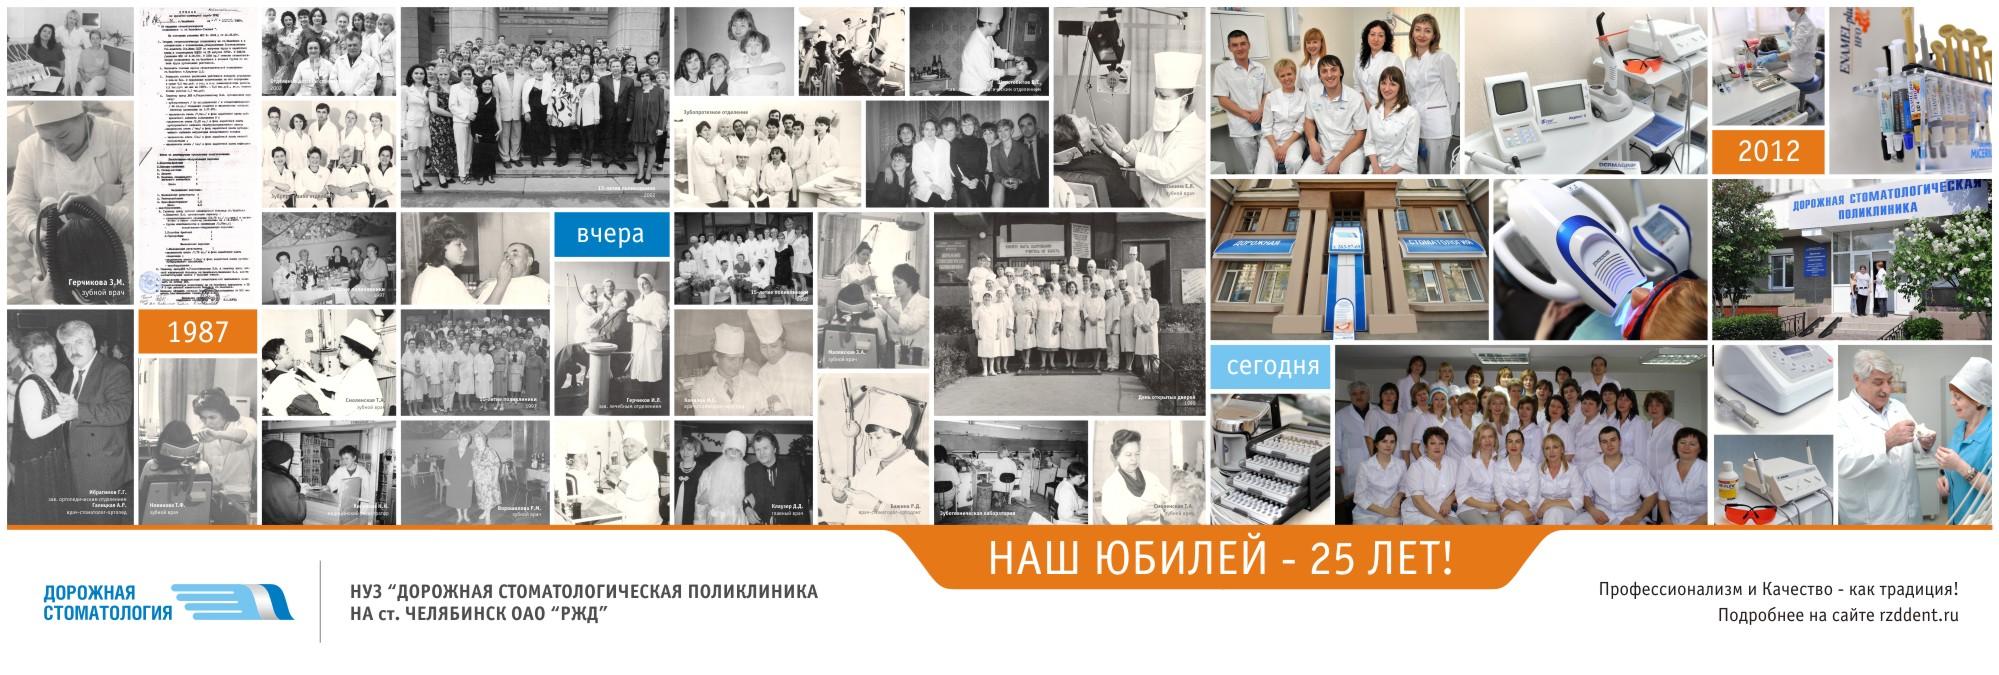 Поздравления отделению больницы